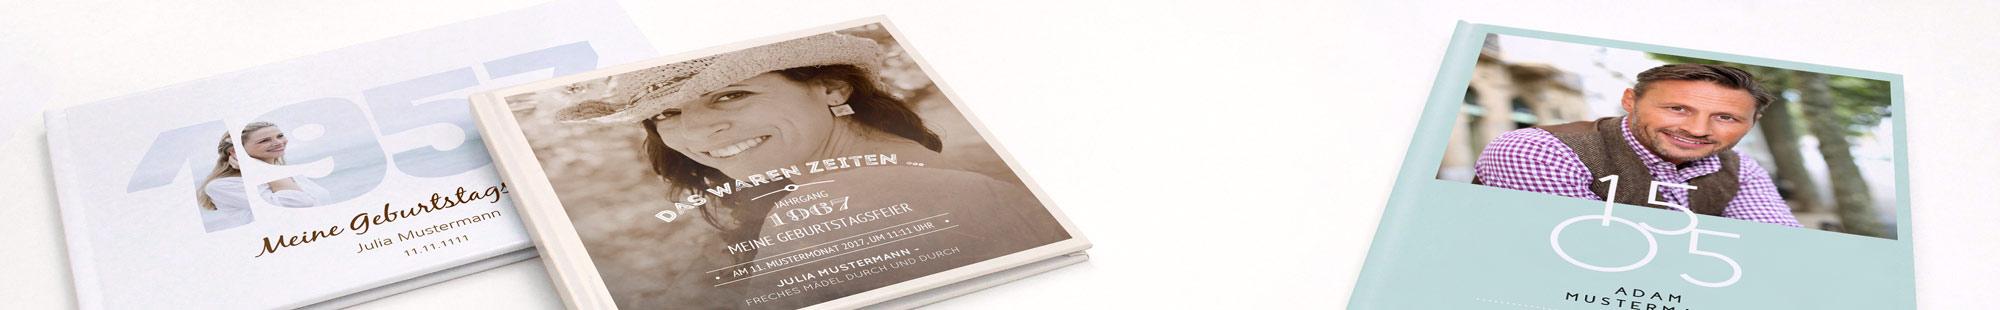 Zur Erinnerung Fotobuch Geburtstag